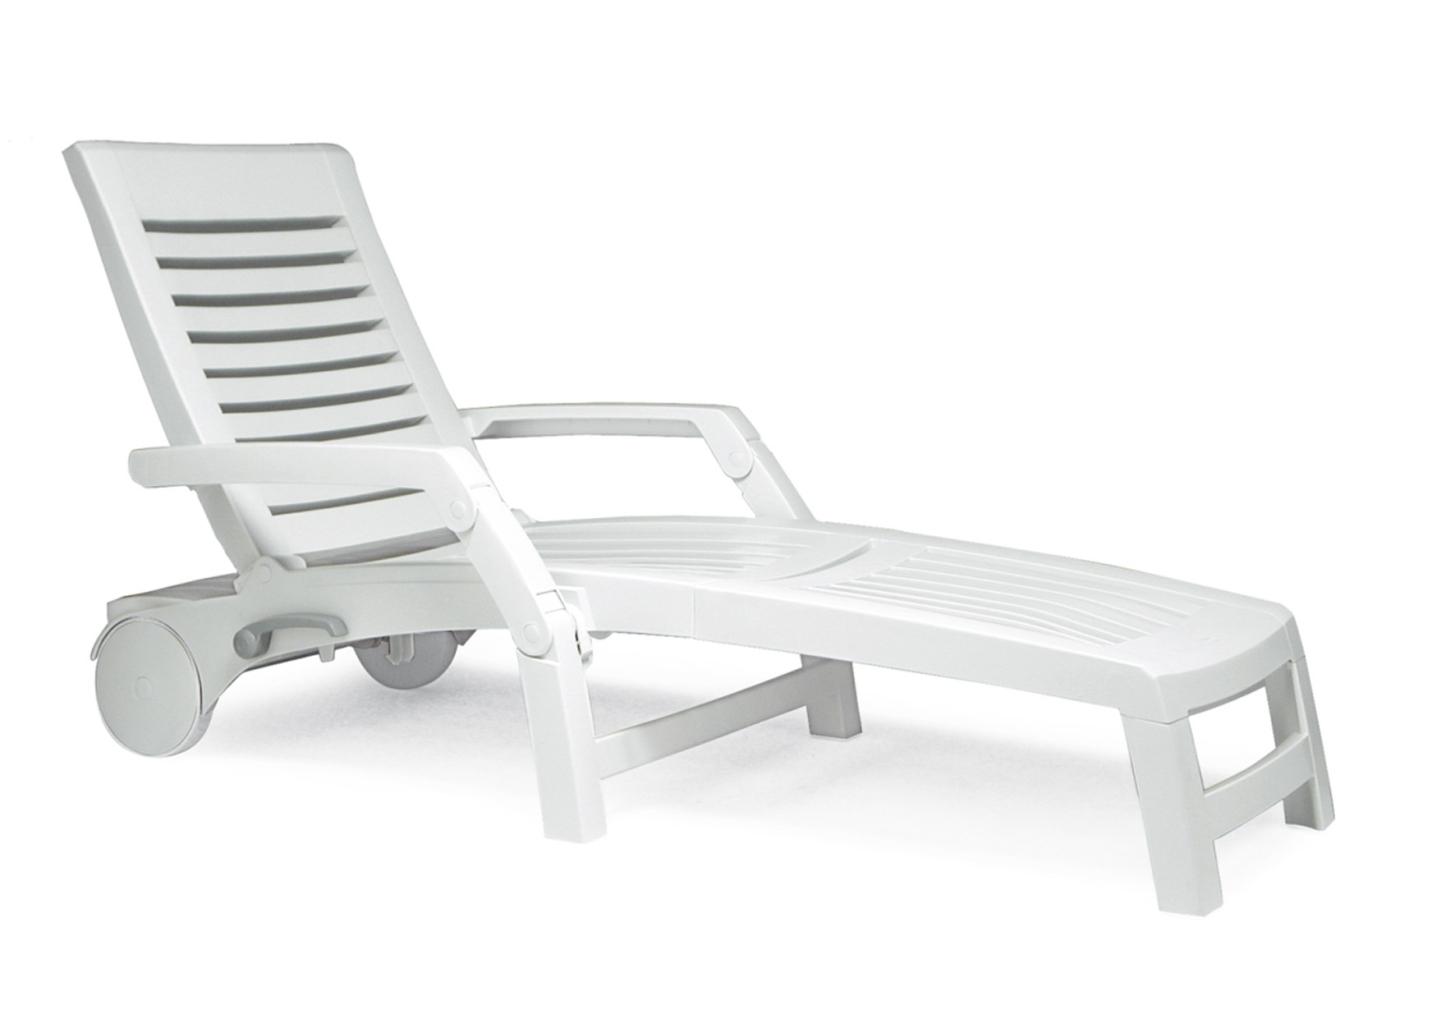 Gartenmobel Aluminium Und Holz : BEST Gartenmöbel in verschiedenen Ausführungen  Gartenmöbel